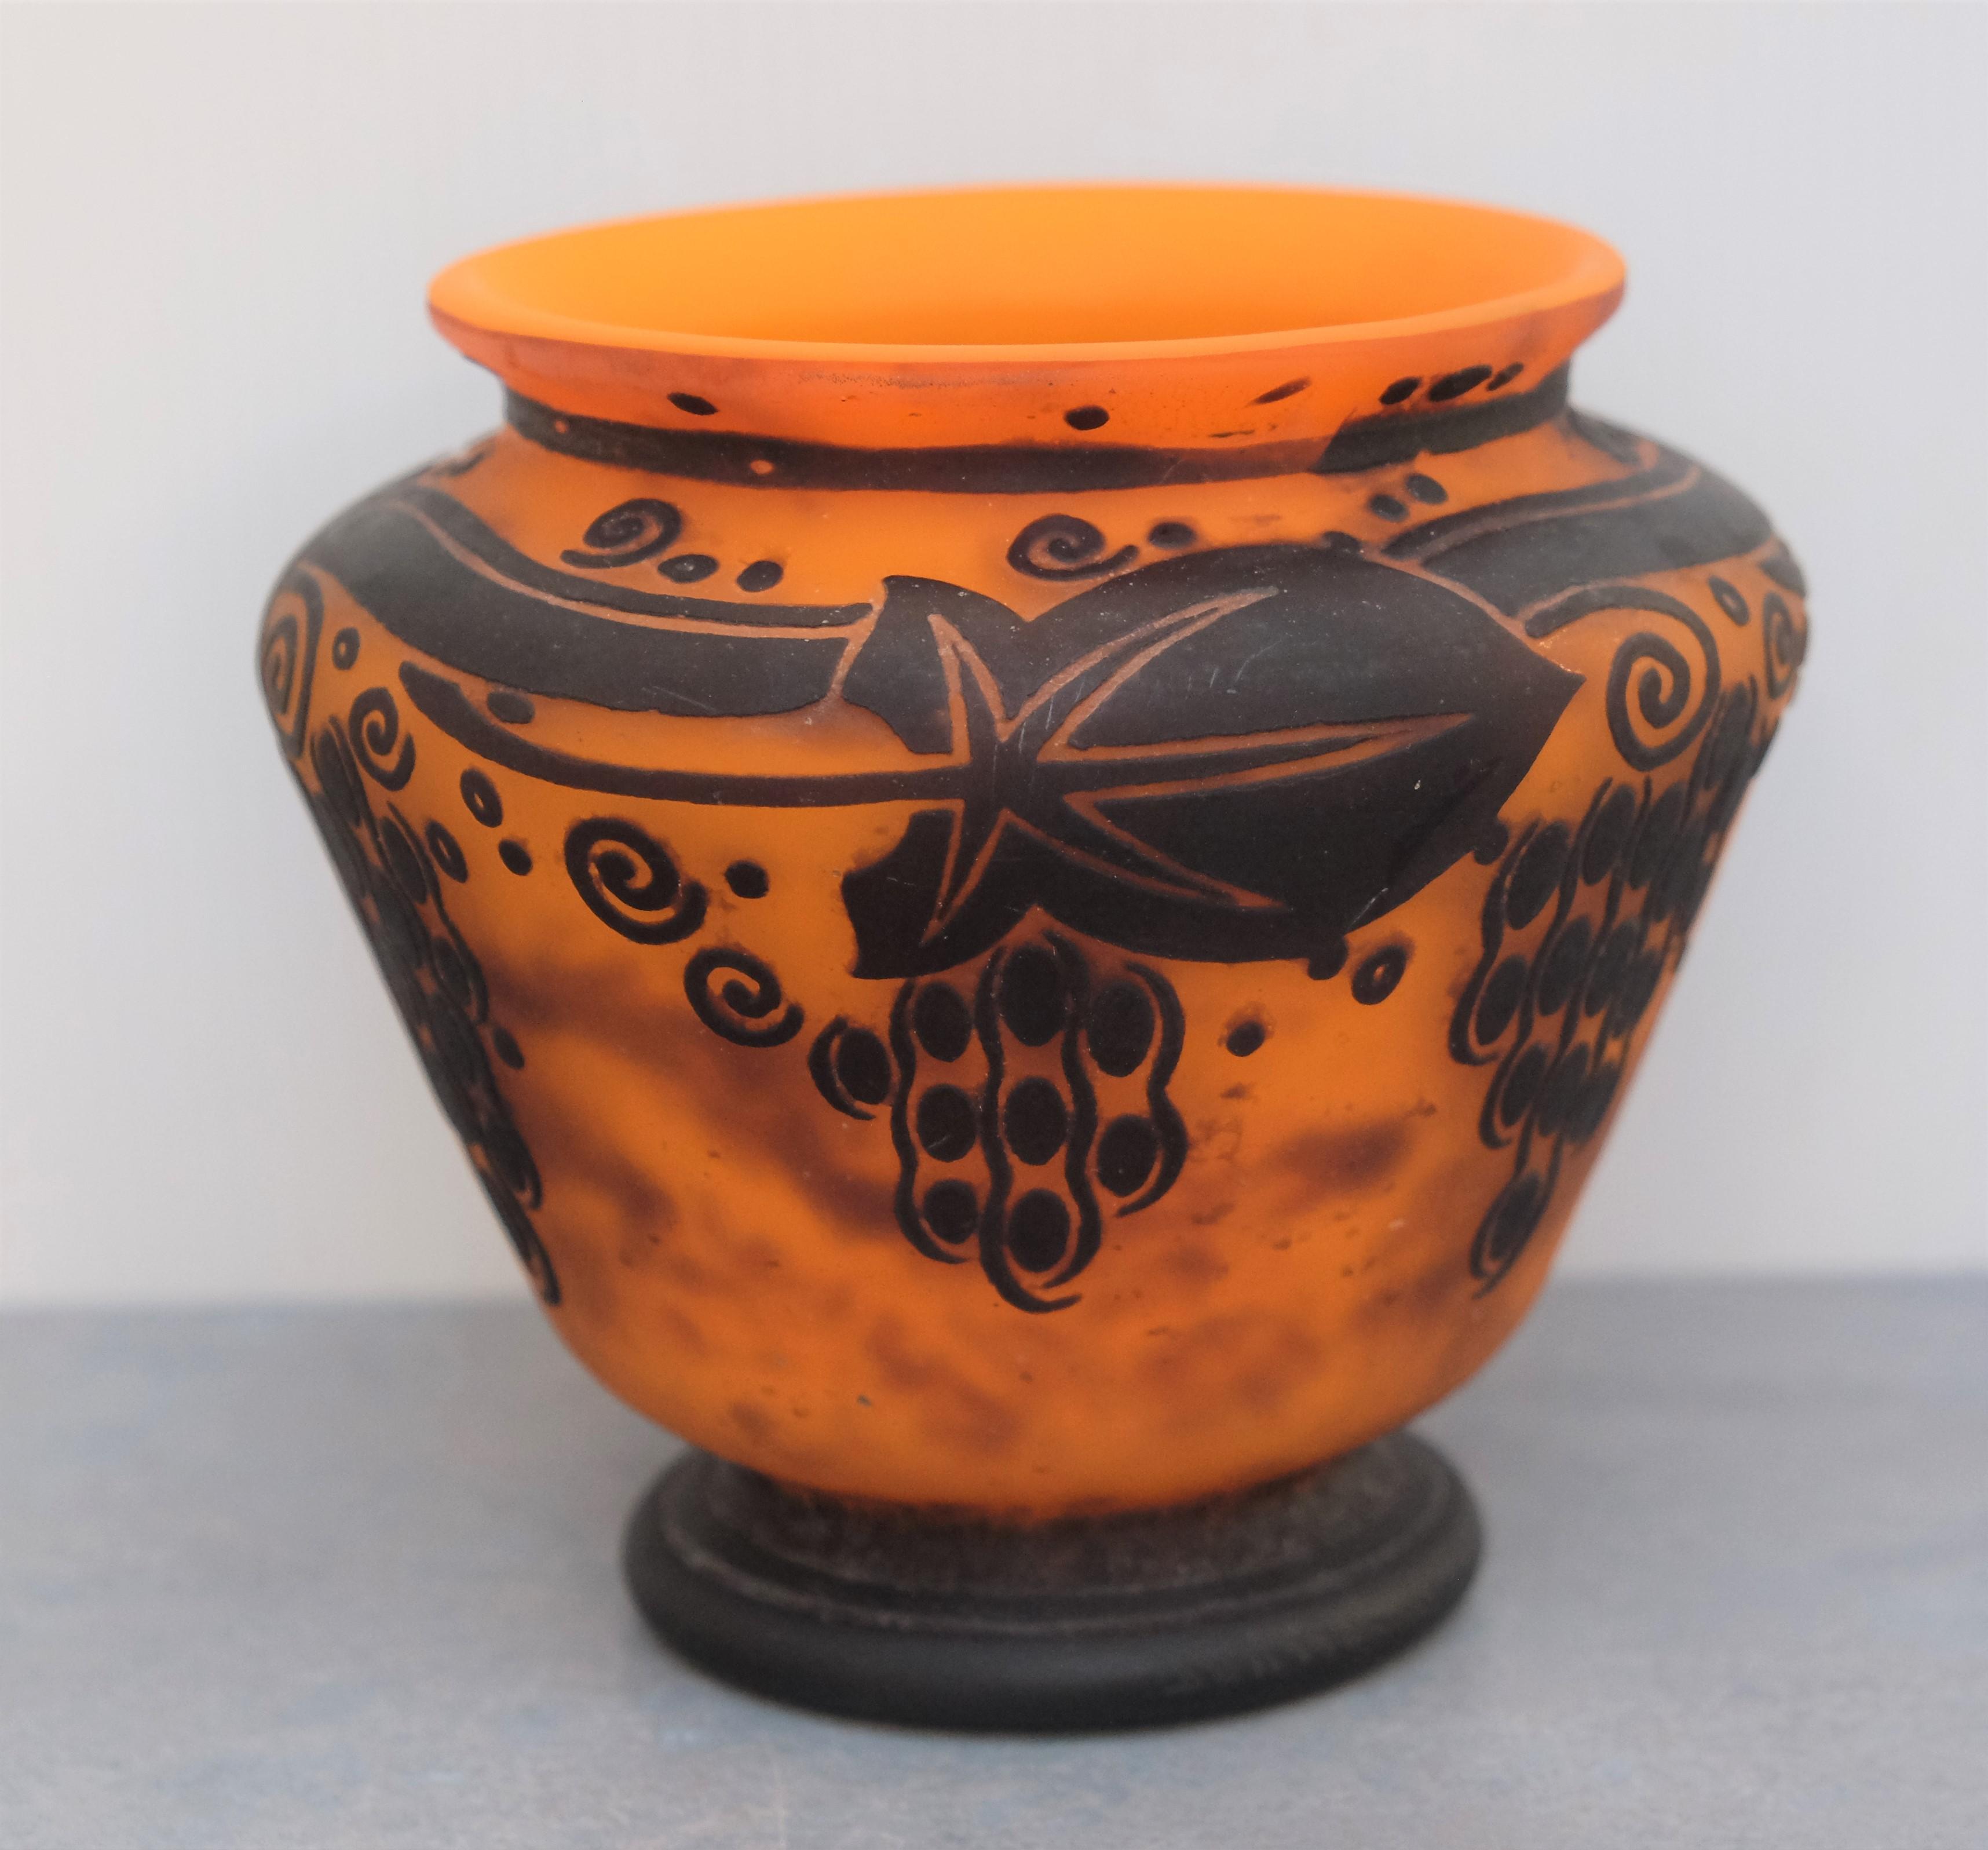 VASE en verre gravé à l'acide de motifs de glycines brunes sur fond orange. Signé DAUM Nancy. Epoque